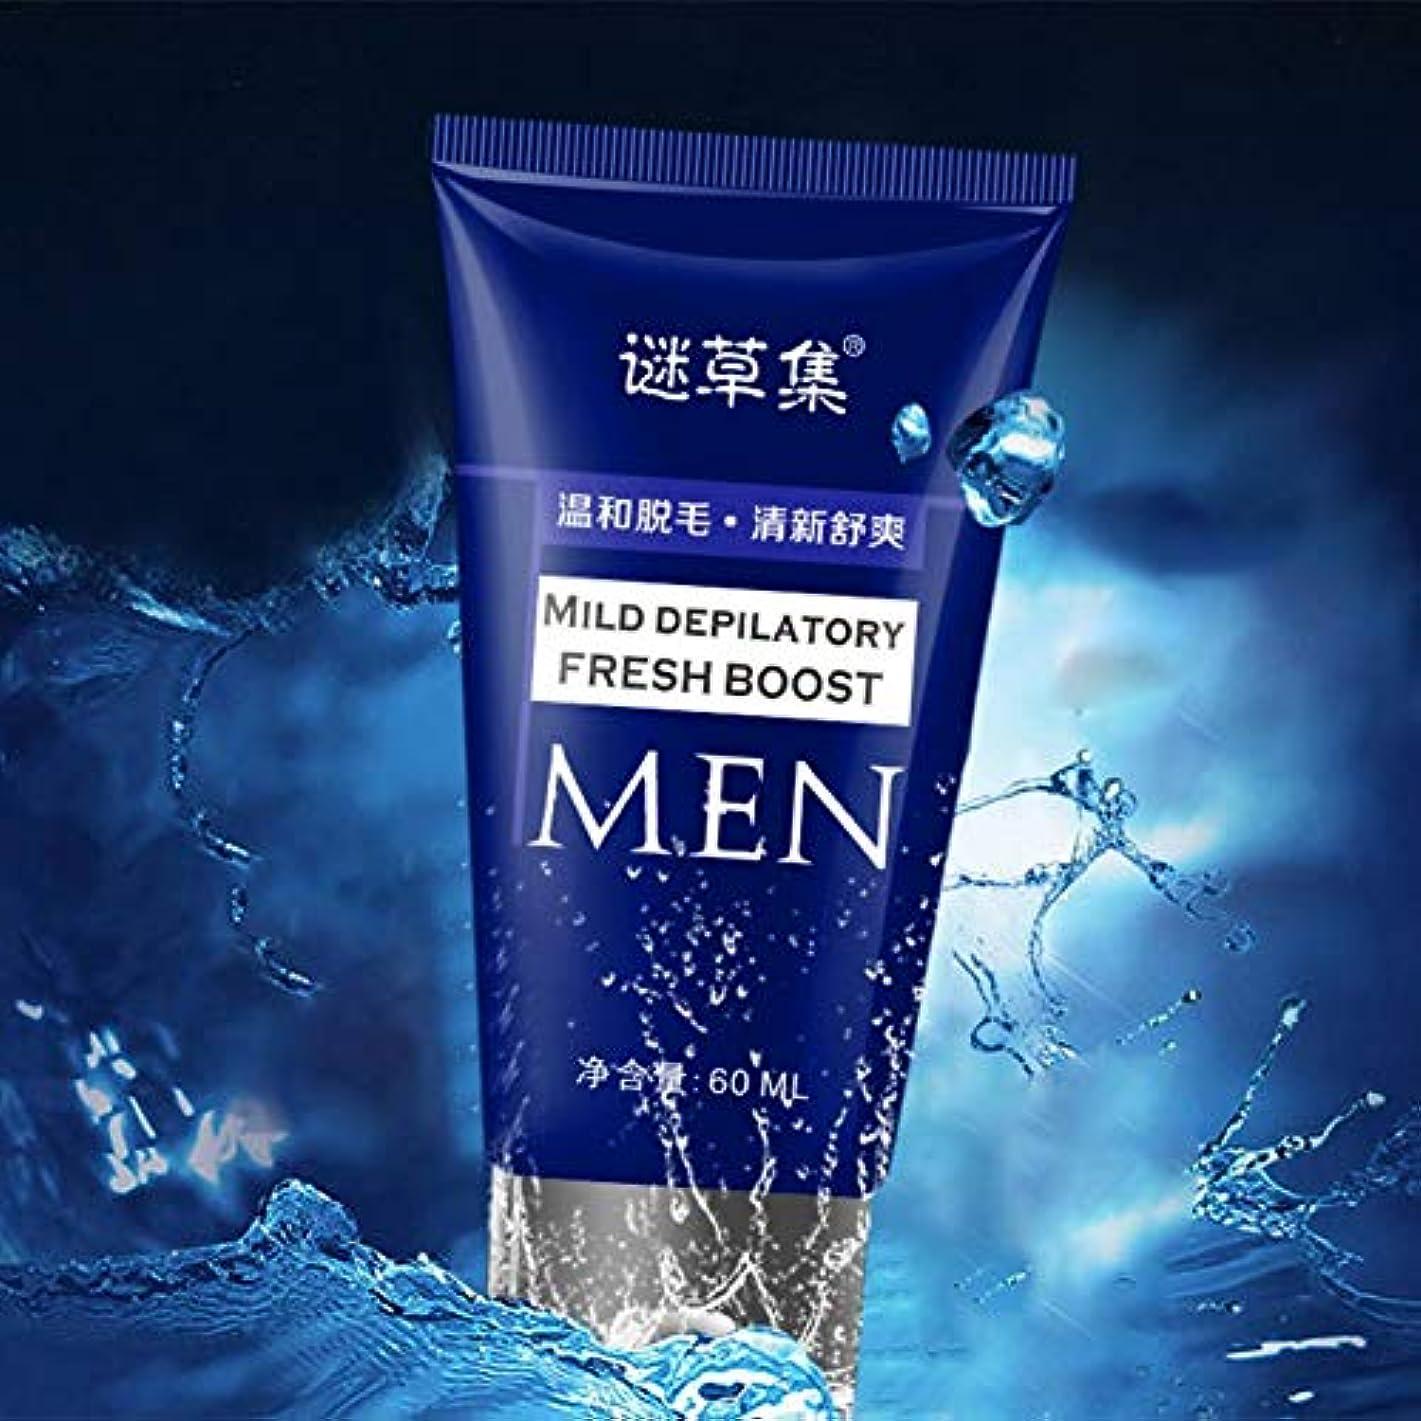 商品不一致させる60ml 薬用除毛剤 除毛 脱毛クリーム 無痛無害 メンズ 敏感肌用 すべての肌タイプ 使用可能